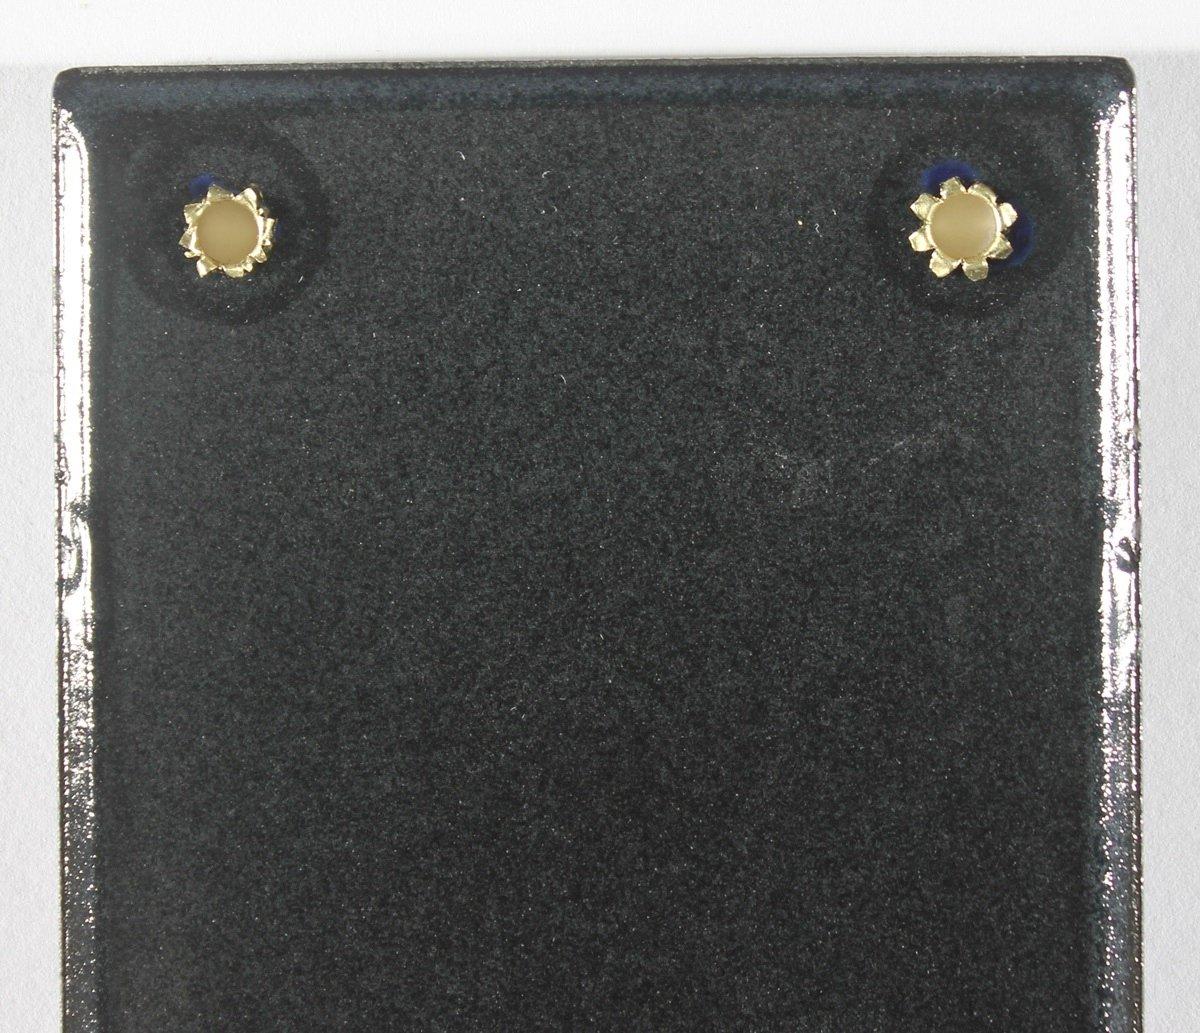 30 x 8 cm Buddel Bini Stra/ßenschild Bierkeller Emaille Kneipenschild blau